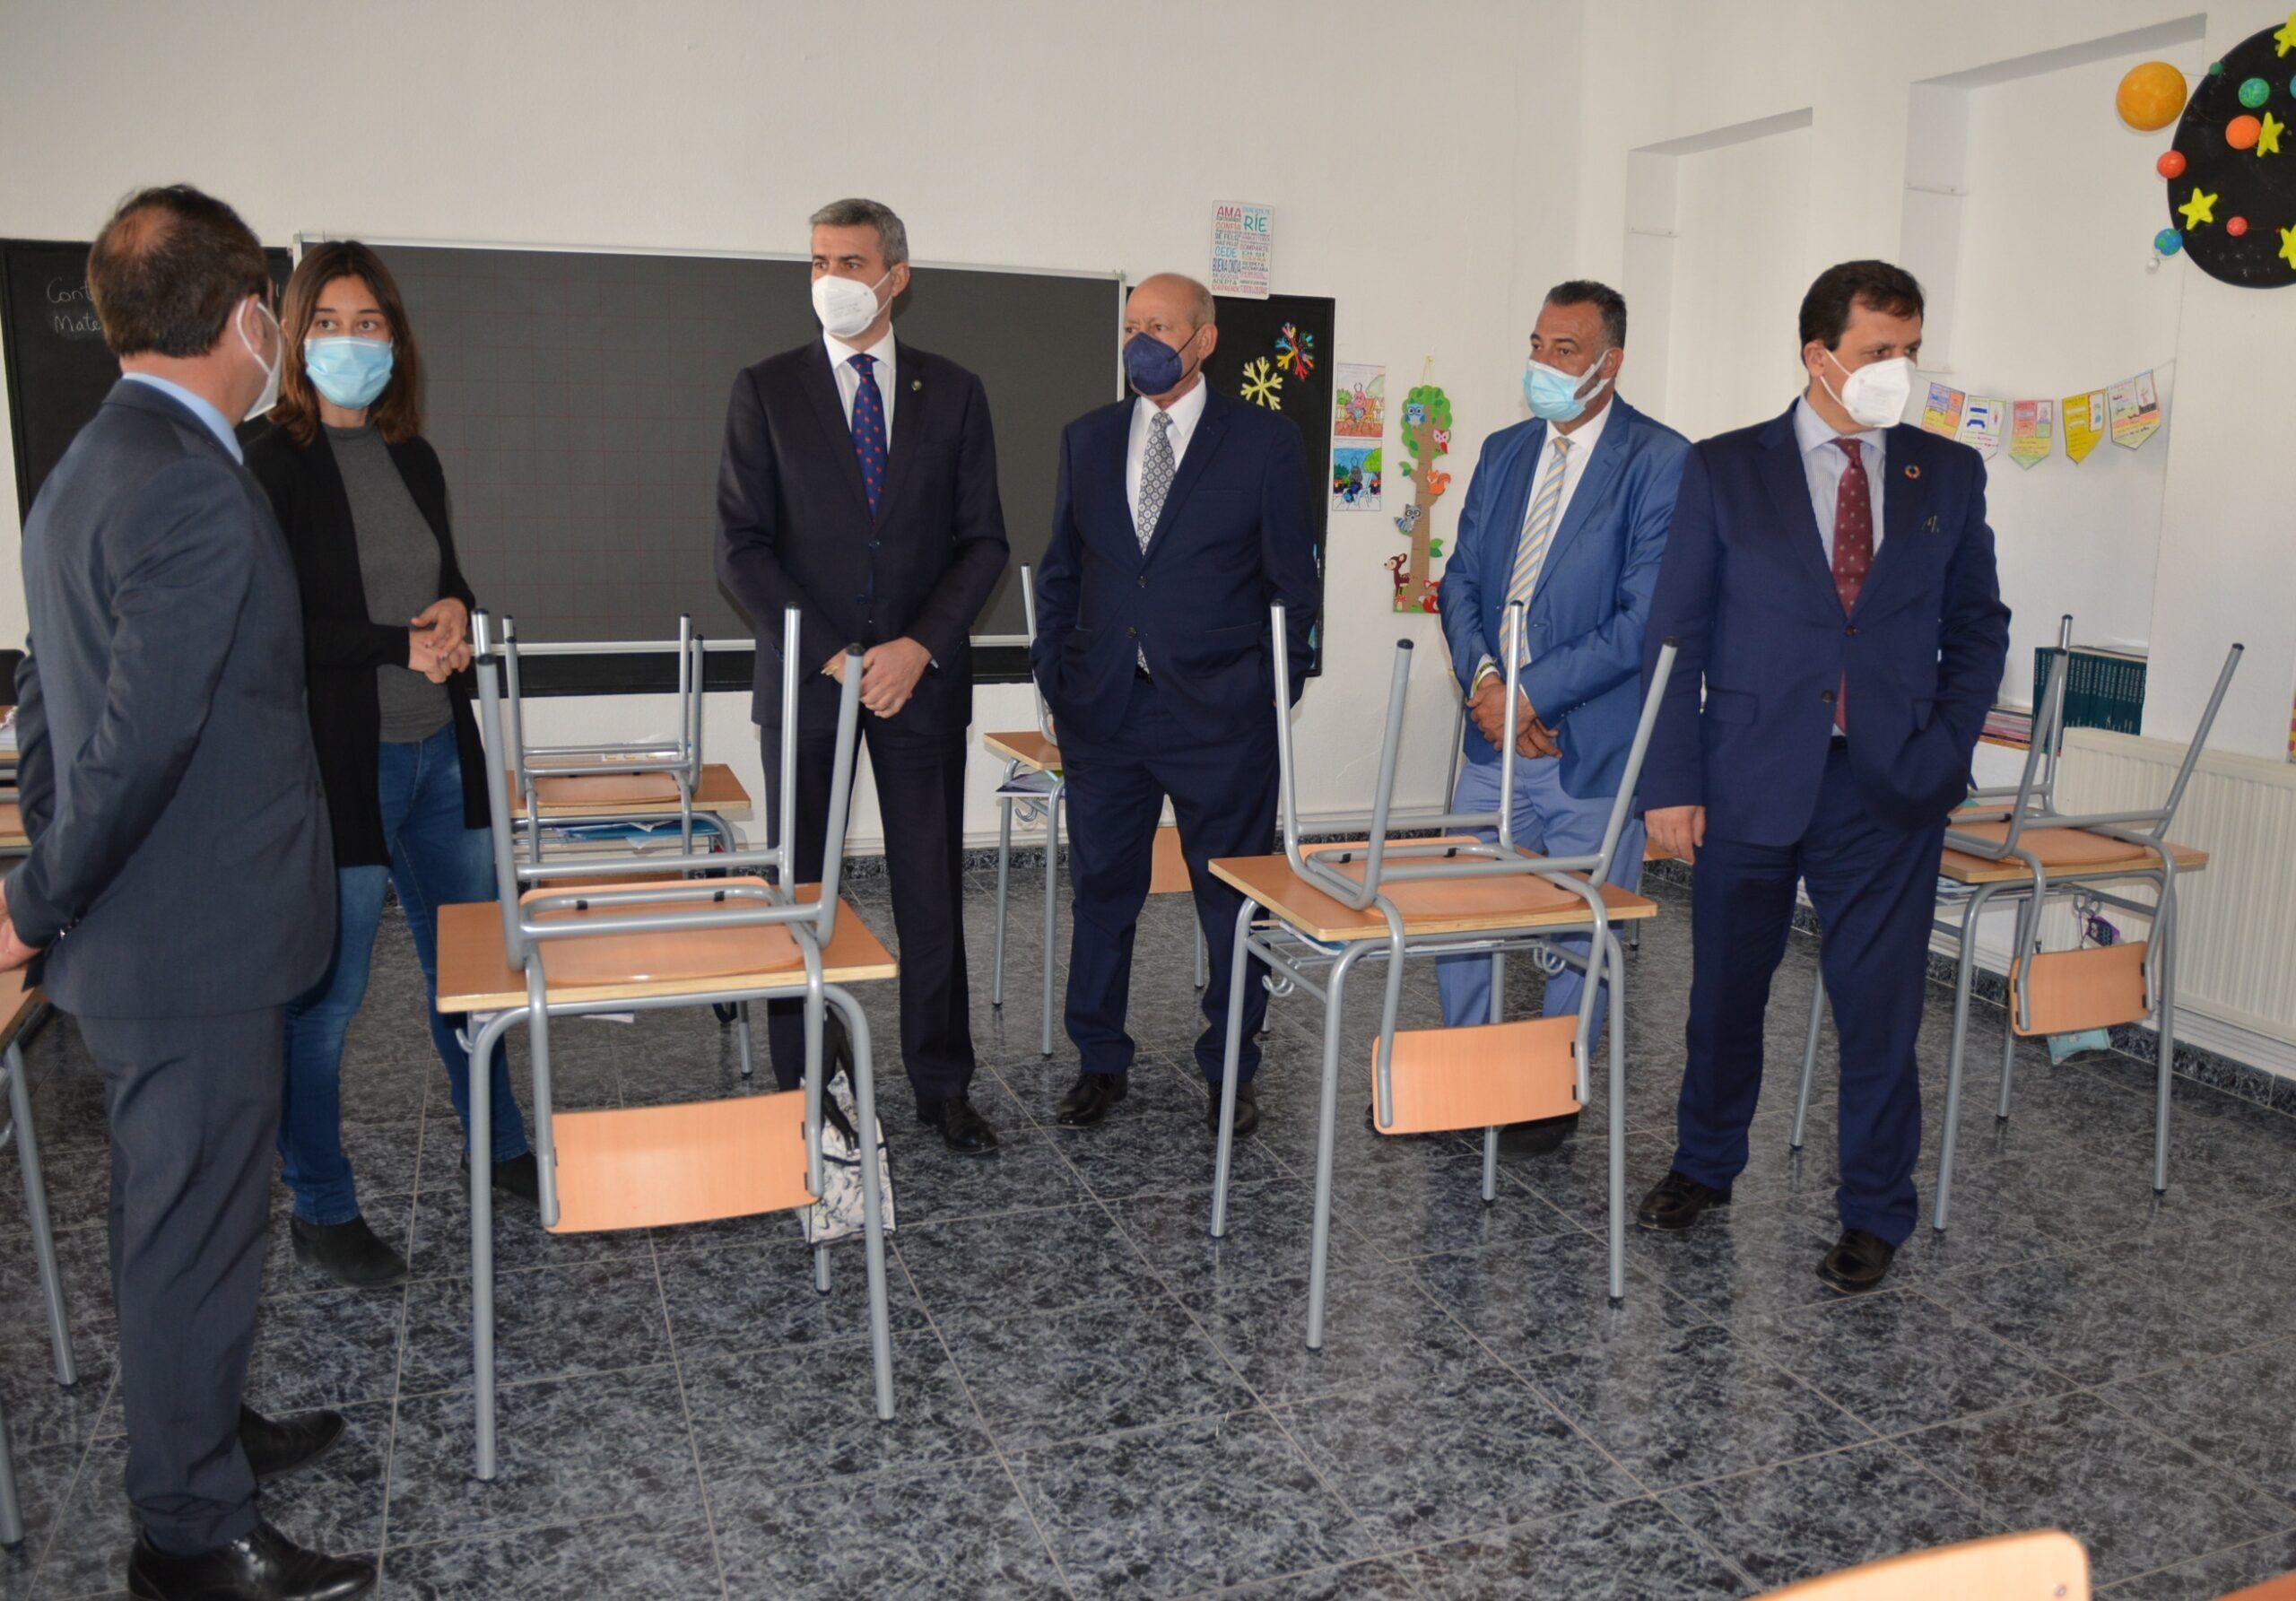 Álvaro Gutiérrez orgulloso de que la Diputación haya colaborado en la reapertura del colegio de Cabañas en Yepes